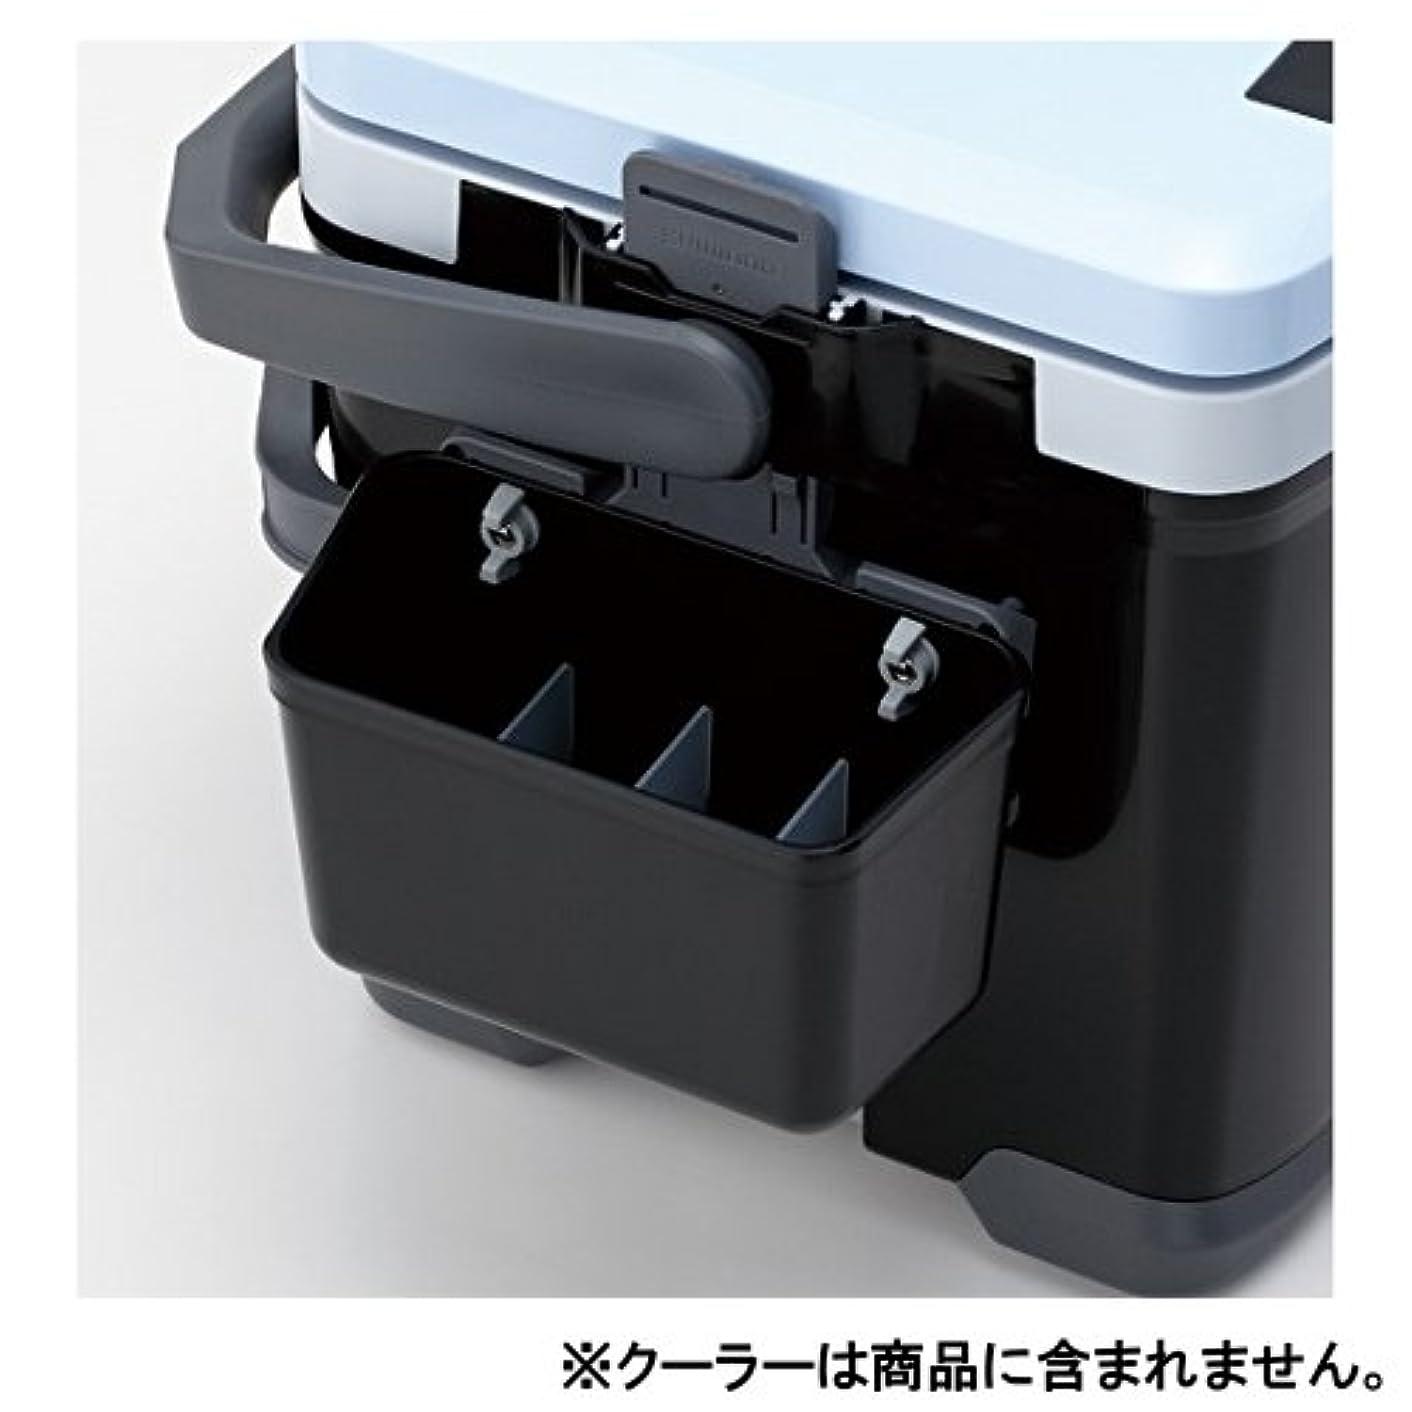 咲くボイド図シマノ クーラーサイドポケット ハード AB-055P